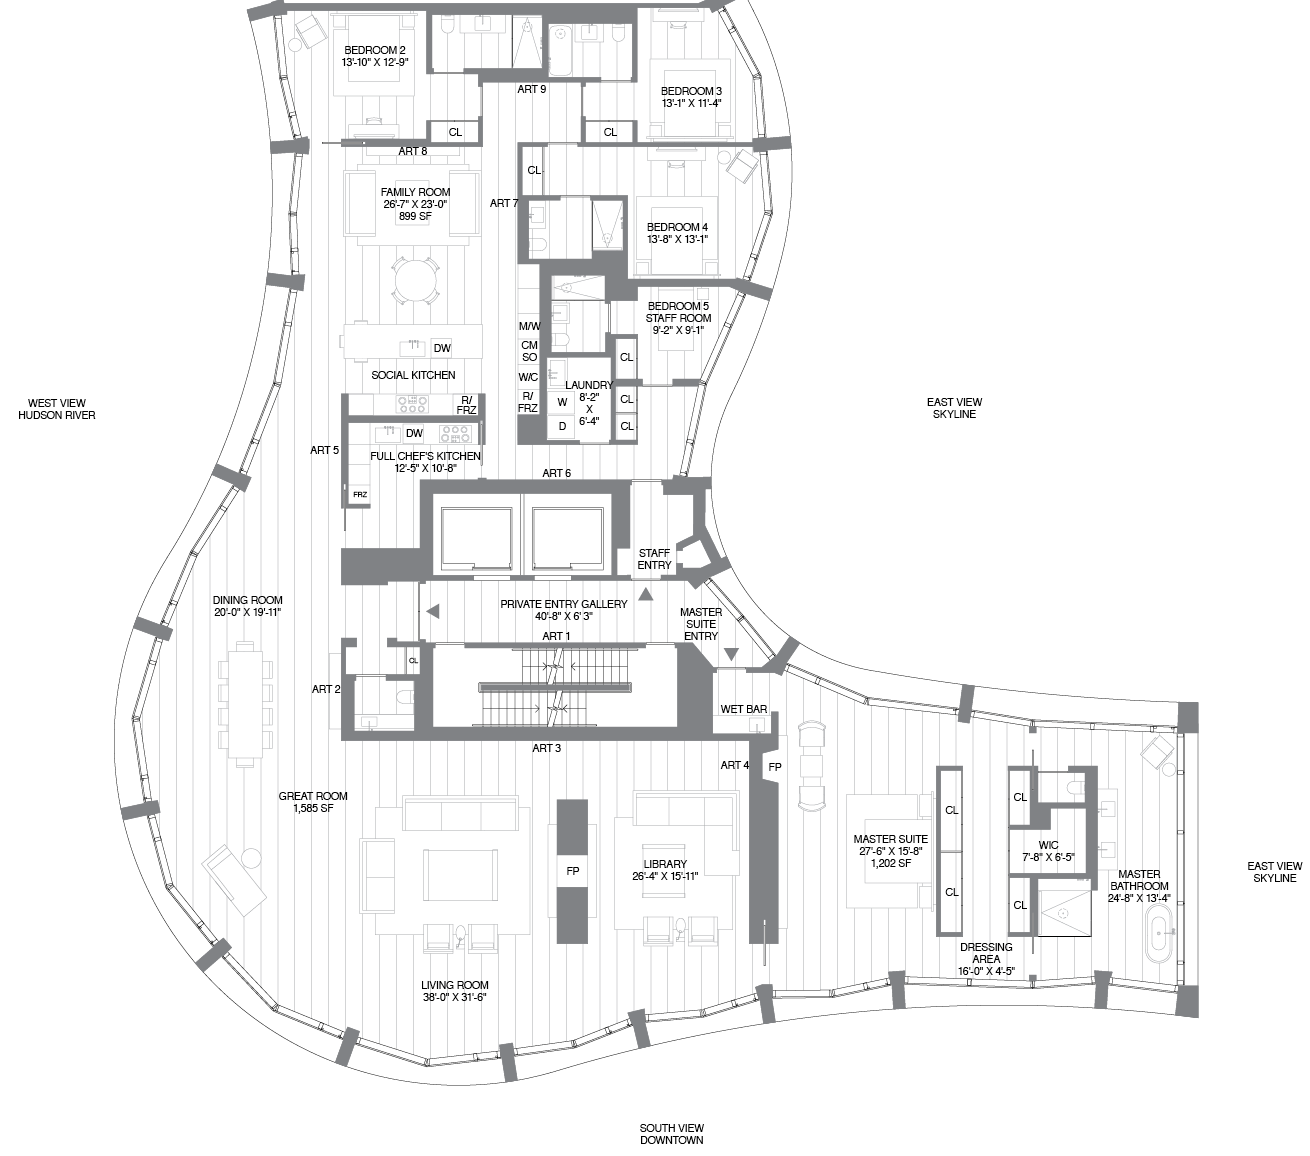 Amoeba-Like Floorplans For Herzog & De Meuron's 160 Leroy